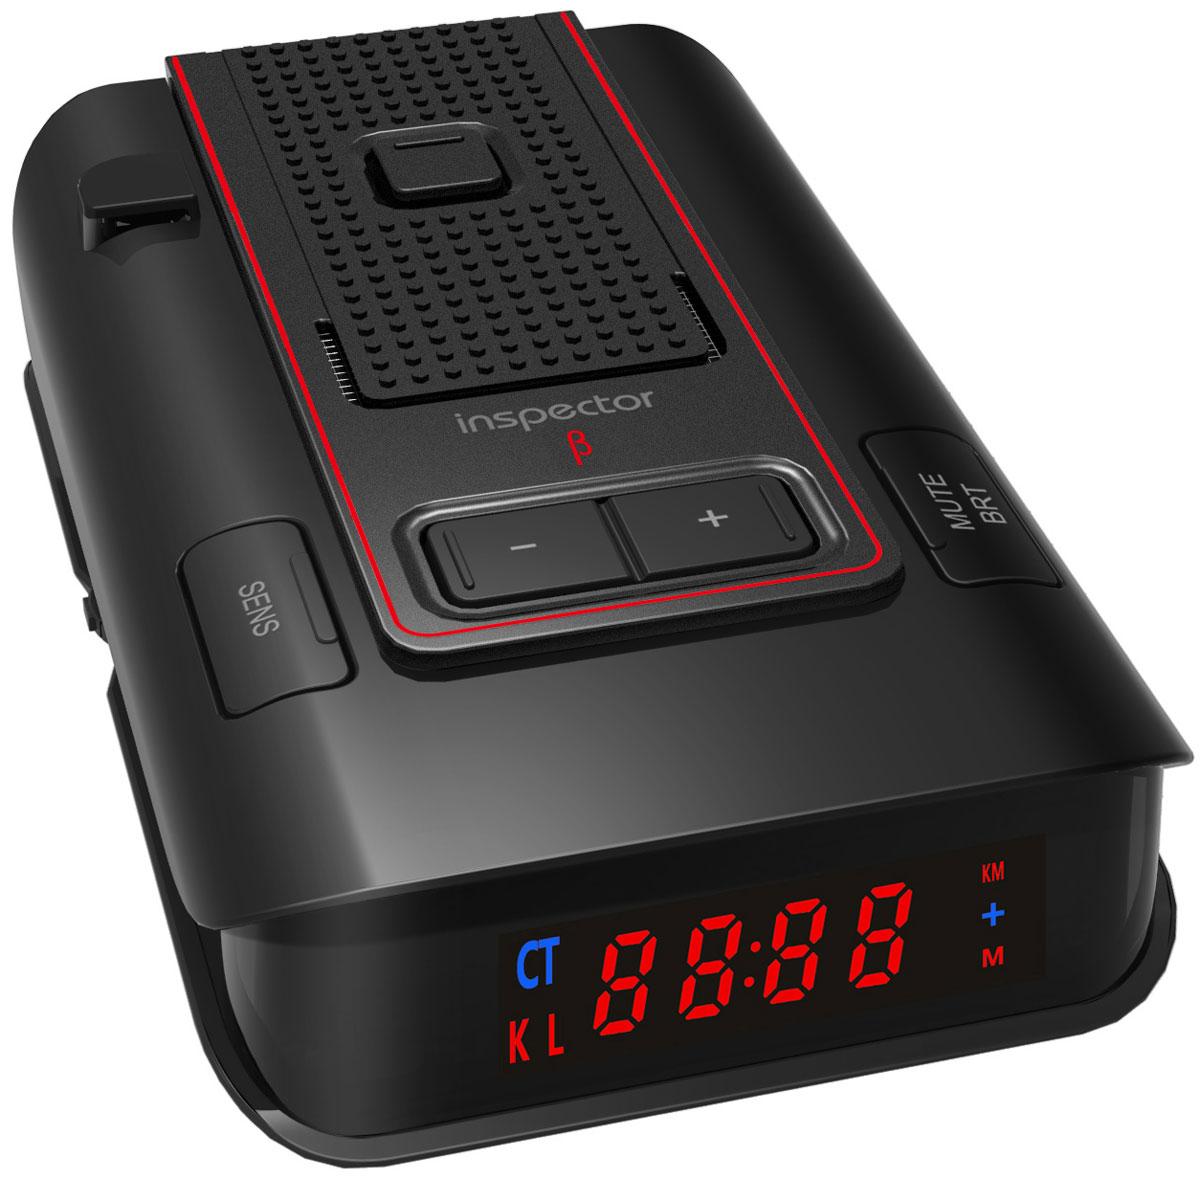 Inspector RD X3 BETA, Black радар-детекторRD X3 BETAInspector RD X3 BETA - это высокотехнологичное устройство, включающее в себя высококачественный радар-детектор для обнаружения сигналов радаров ГИБДД и GPS-информатор с широким функционалом и обновляемой базой GPS координат.Радар-детектор - устройство, позволяющее определить сигнал радара ГИБДД, который используется для определения скорости движения вашего автомобиля. Такое предупреждение позволит вам заблаговременно сбросить скорость вашего автомобиля в случае, если она превышает допустимую правилами данного участка движения, и избежать штрафа за нарушение.GPS-информатор - устройство, предназначенное для заблаговременного оповещения о стационарных объектах контроля скорости, благодаря внесенной в память устройства базе координат. Эта база данных является обновляемой и содержит координаты стационарных, малошумных радаров, безрадарных комплексов видеофиксации типа Автодория, камер контроля полосы движения для общественного транспорта и другого.Индикация мощности сигнала радараФильтр ложных срабатыванийРежимы: Трасса/Город 1/Город 2/Город 3/IQАвтоприглушение громкостиВыборочное отключение диапазоновПамять настроекВозможность обновления ПО через USBВыборочное отключение объектов БДВозможность сохранения дополнительных объектовОтображение расстояния до объекта оповещенияНастраиваемые пороги скоростиНастраиваемая дальность оповещенийПриоритет оповещений